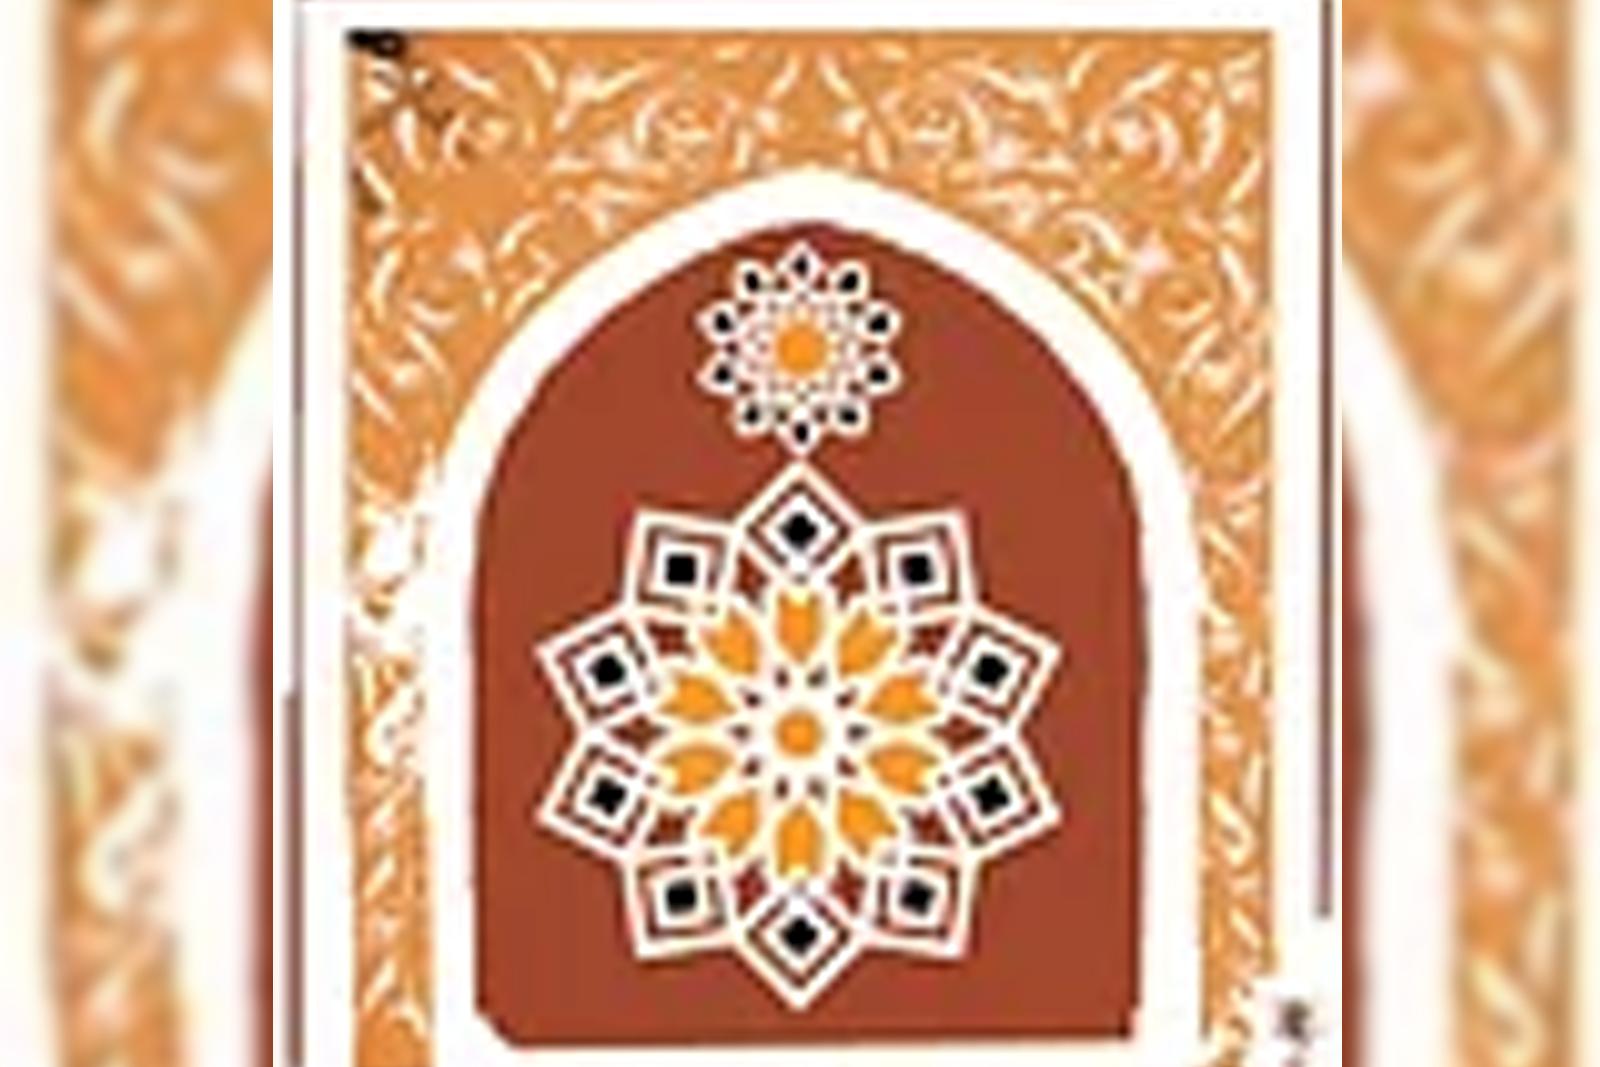 পরিবারের নারীদের সঙ্গে হজরত মুহাম্মদ (সা.)-এর ব্যবহার